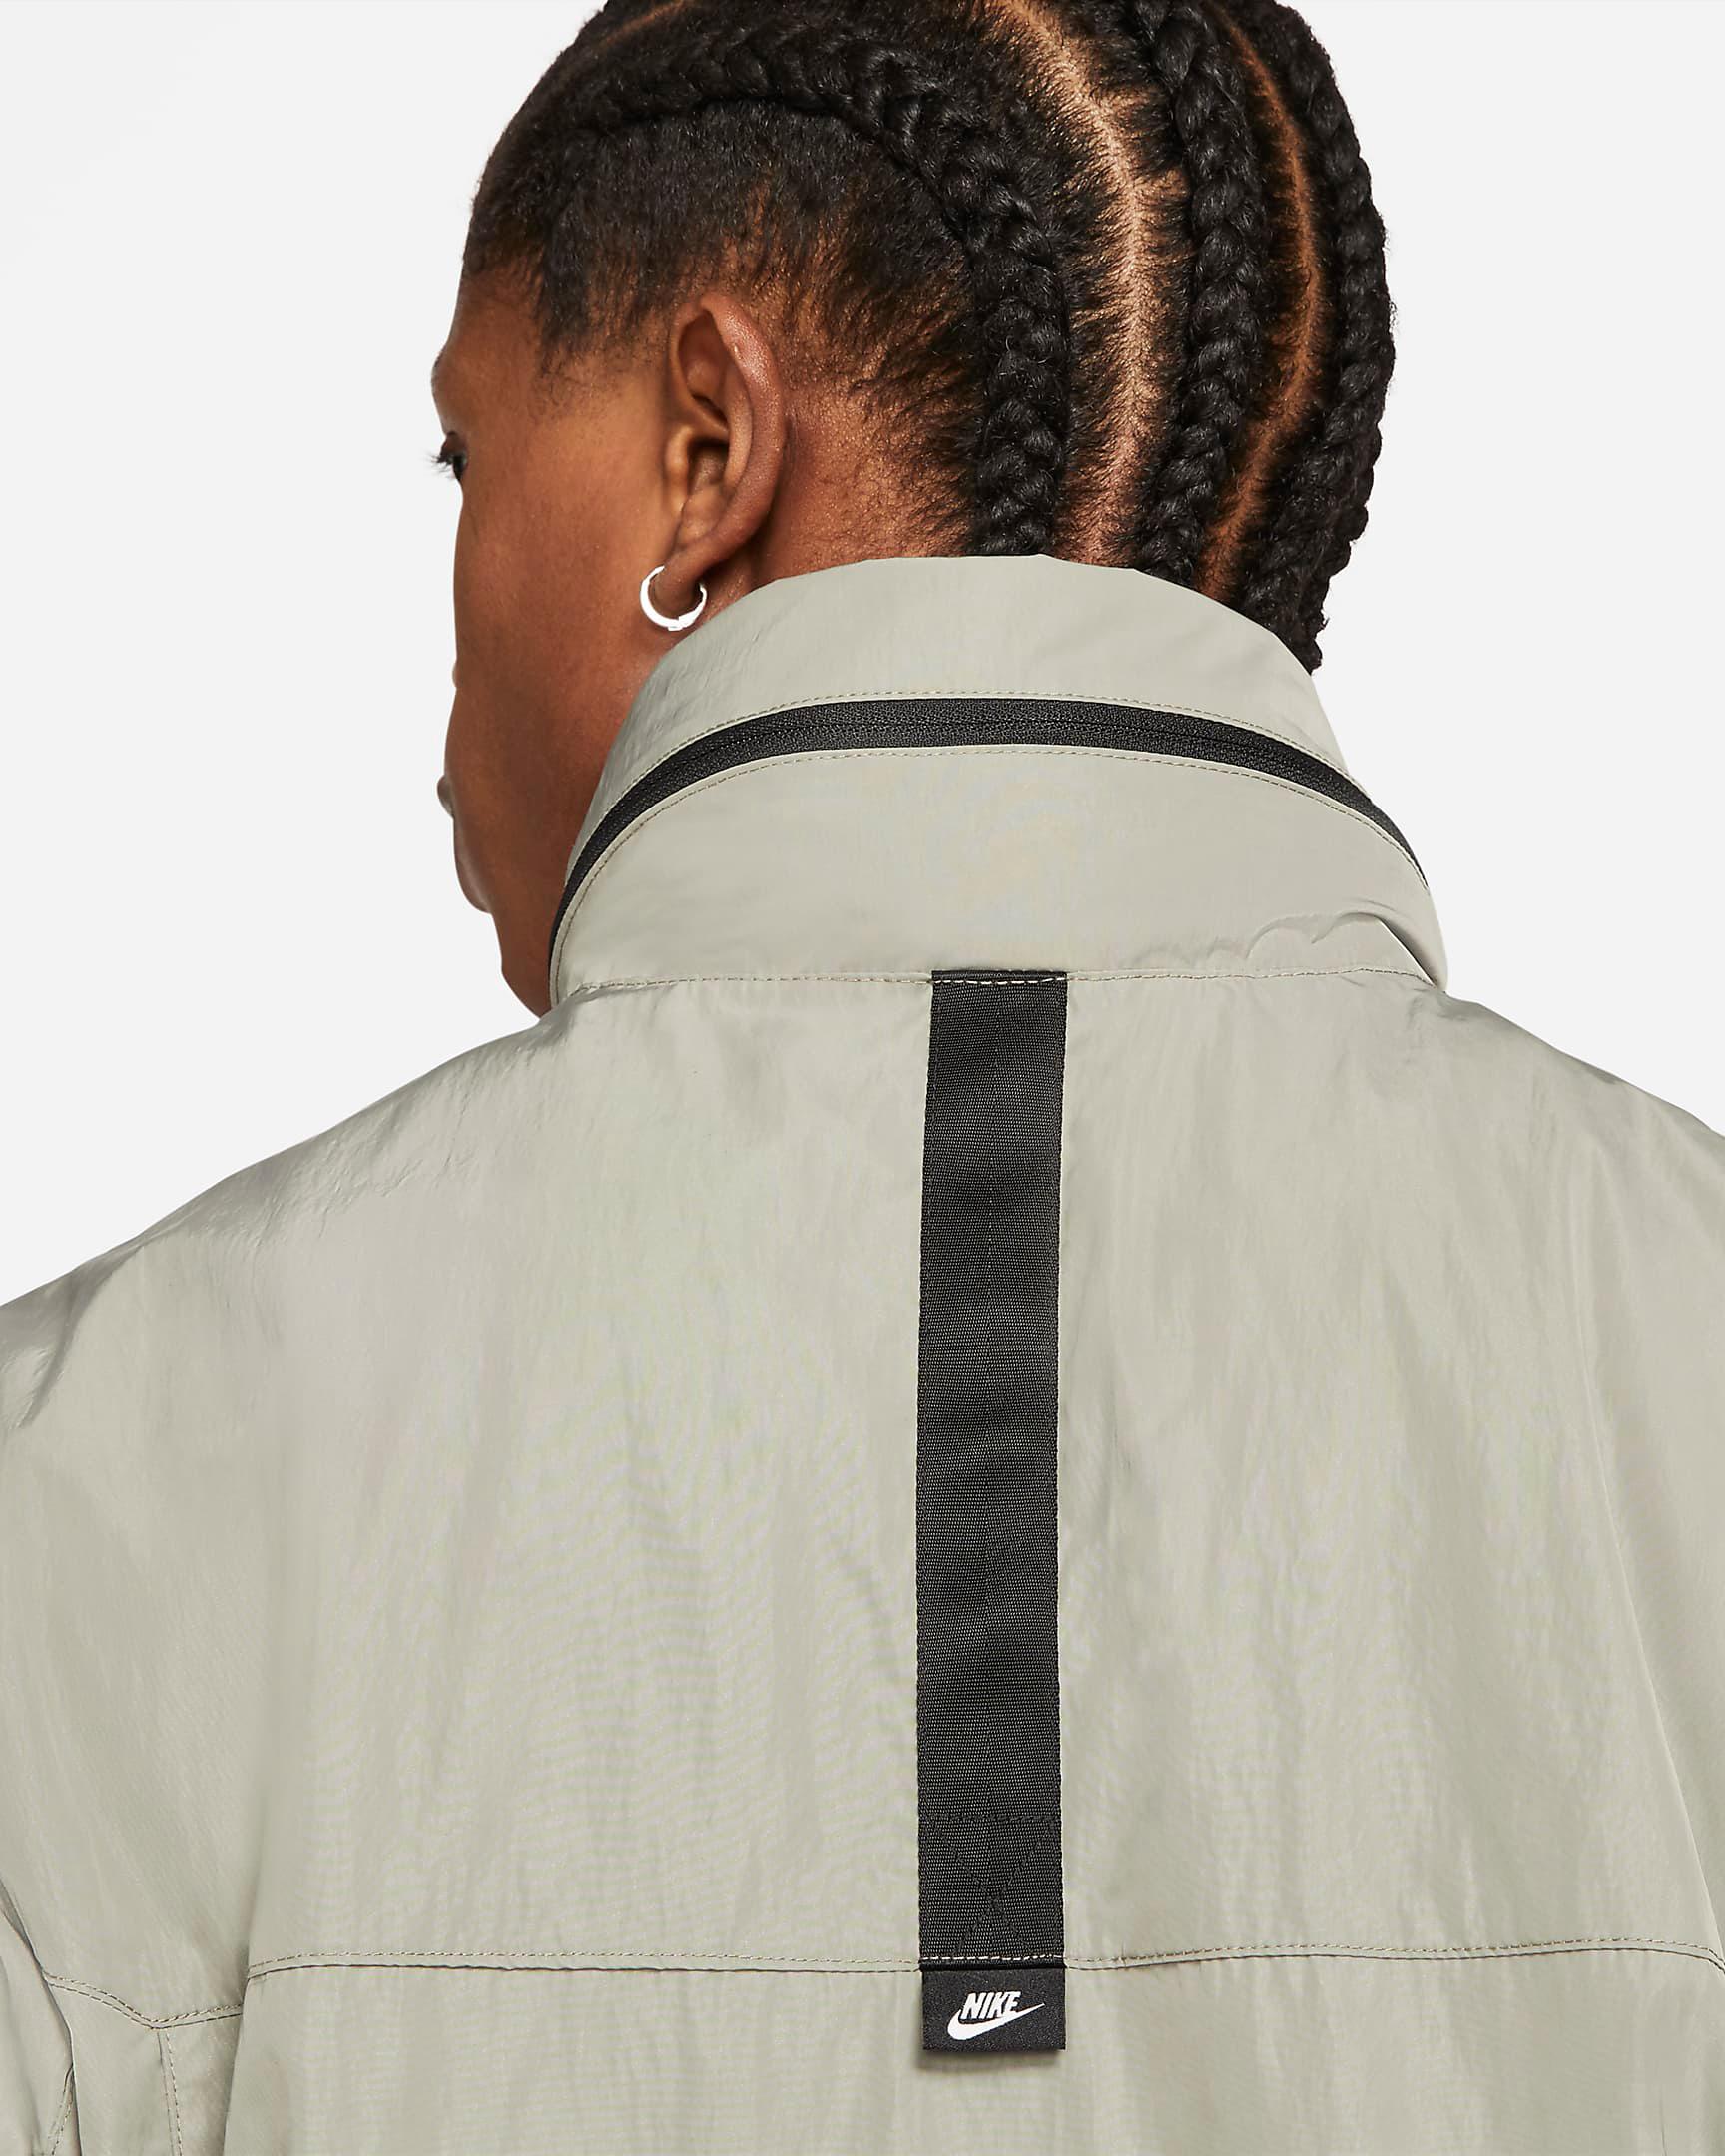 air-jordan-1-high-patina-light-army-jacket-5